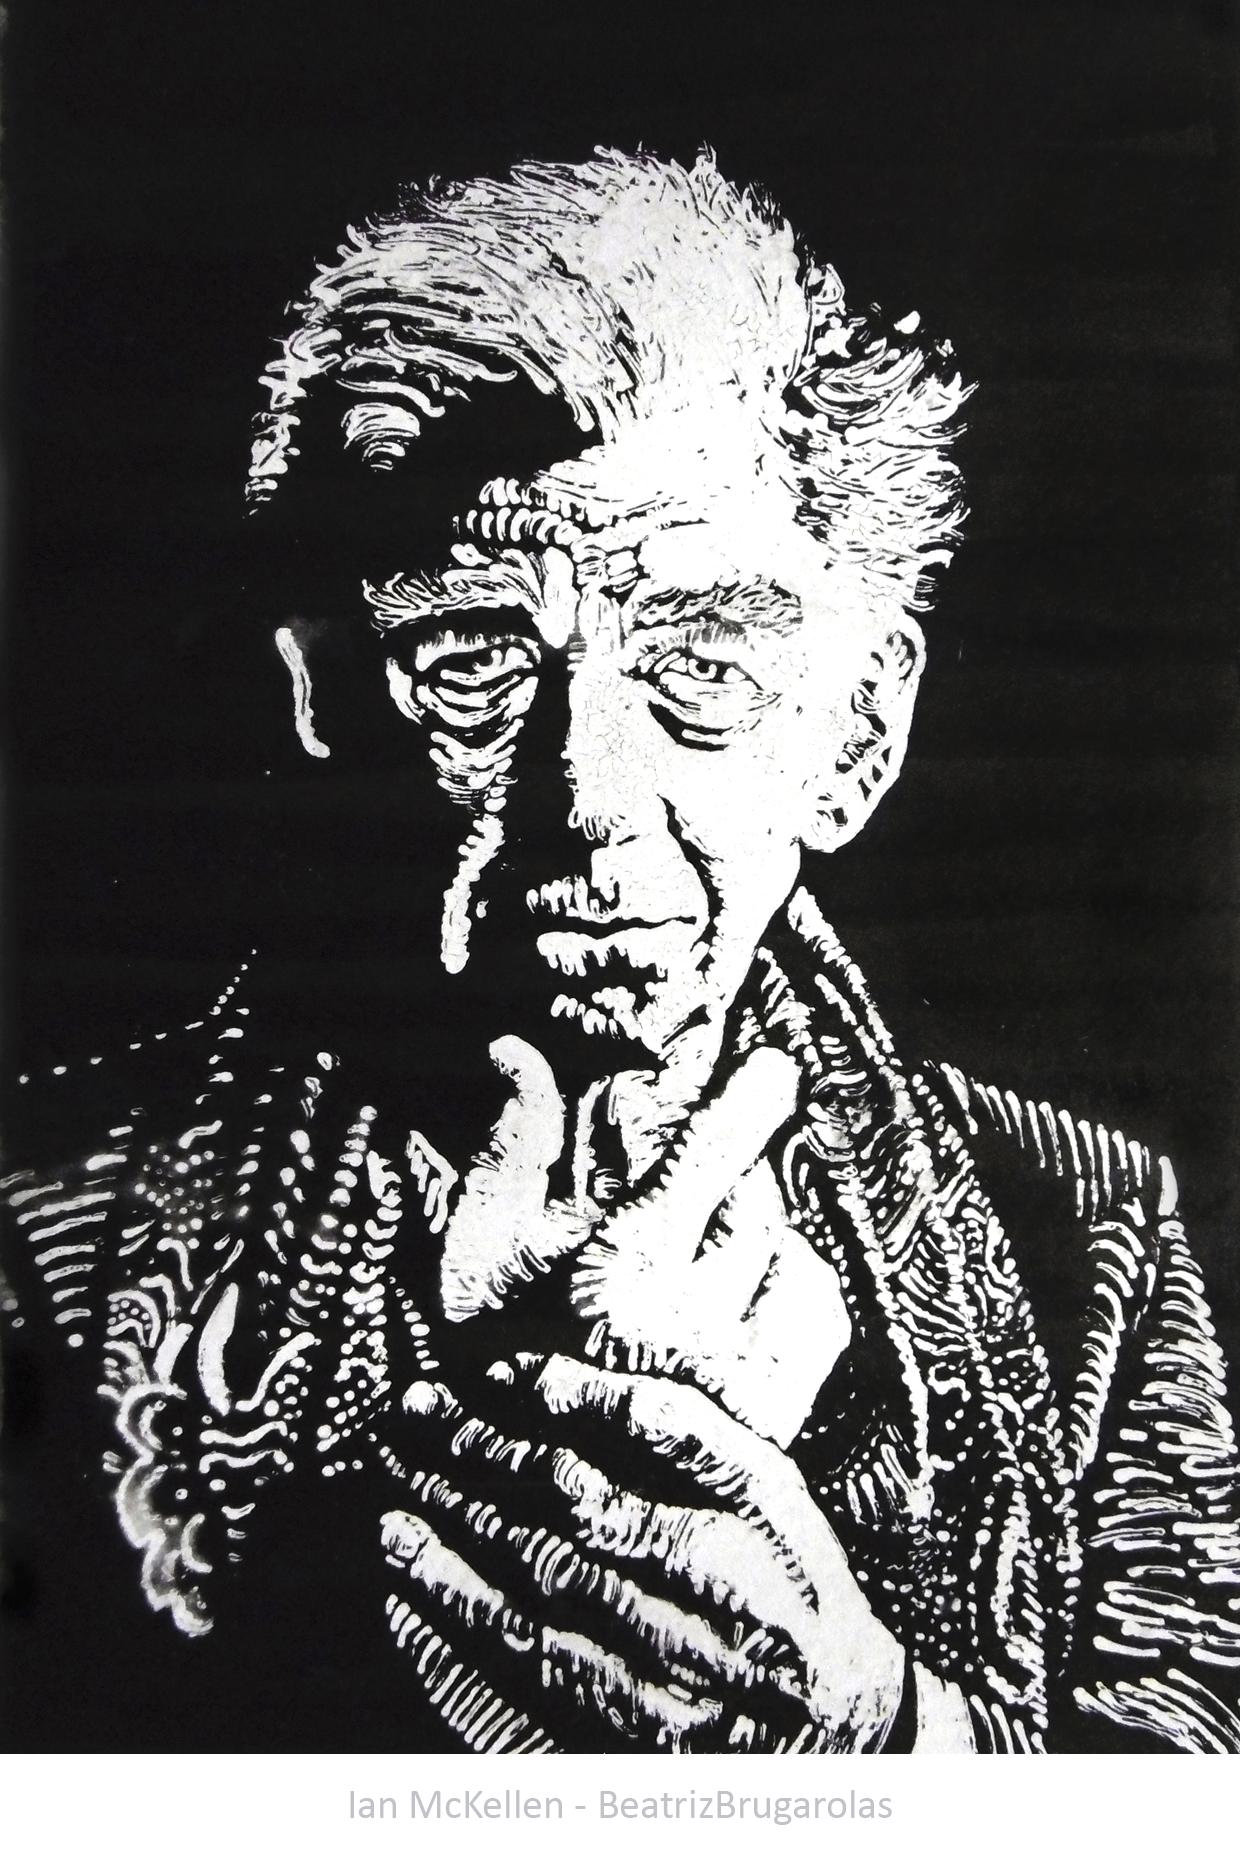 Sir Ian McKellen gouache and ink portrait